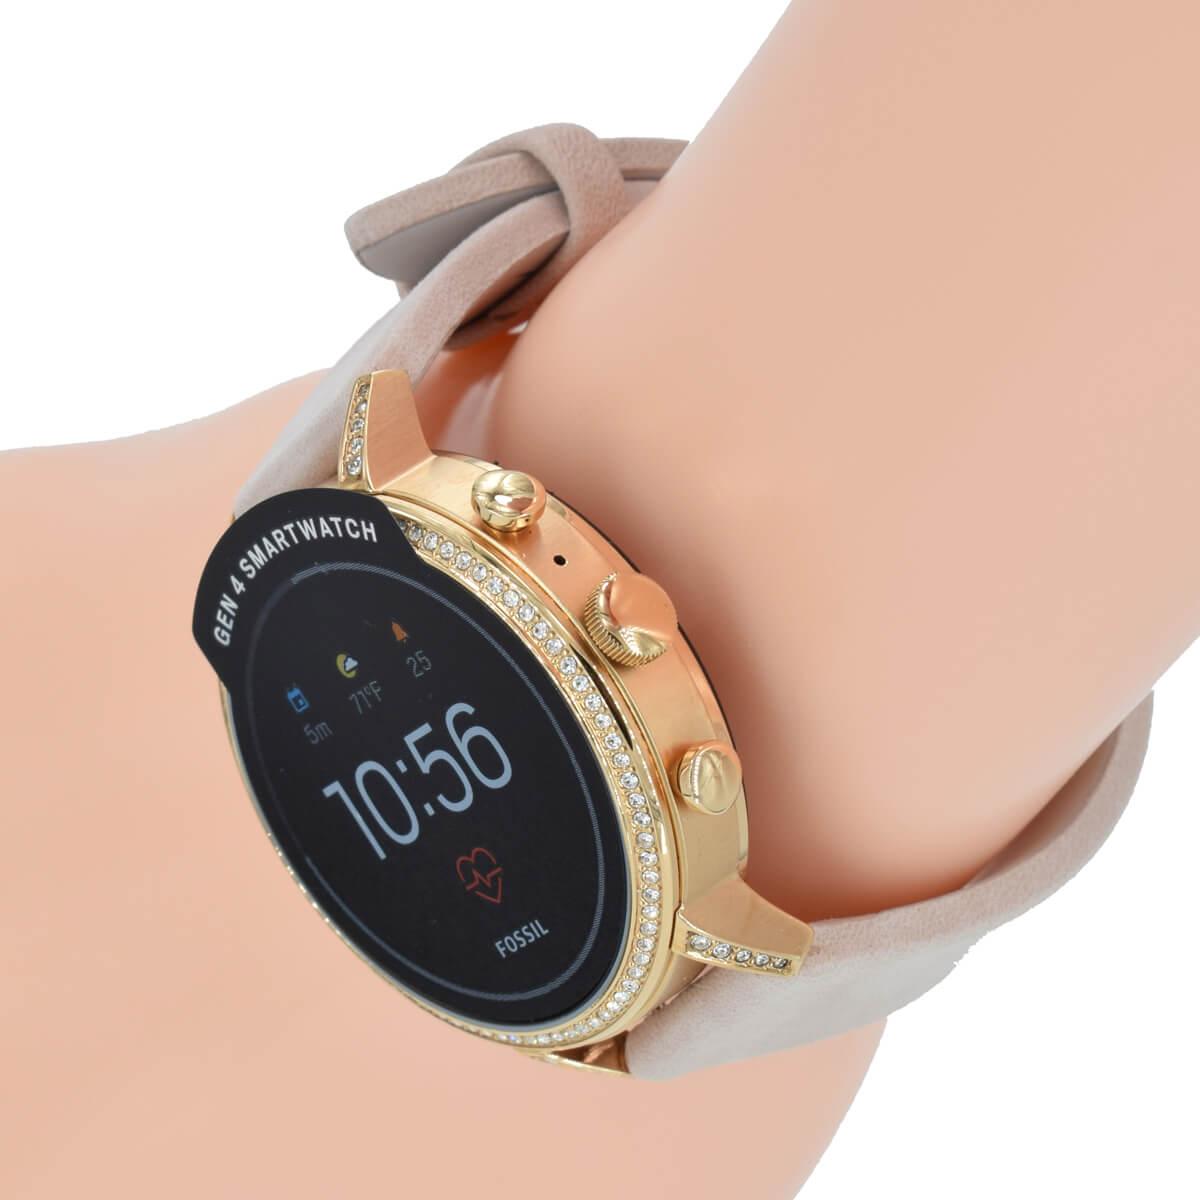 Smartwatch Venture Q Damenuhr 4 Fossil Zirkonia Ftw6015 Gen Hr trhxdQsCB